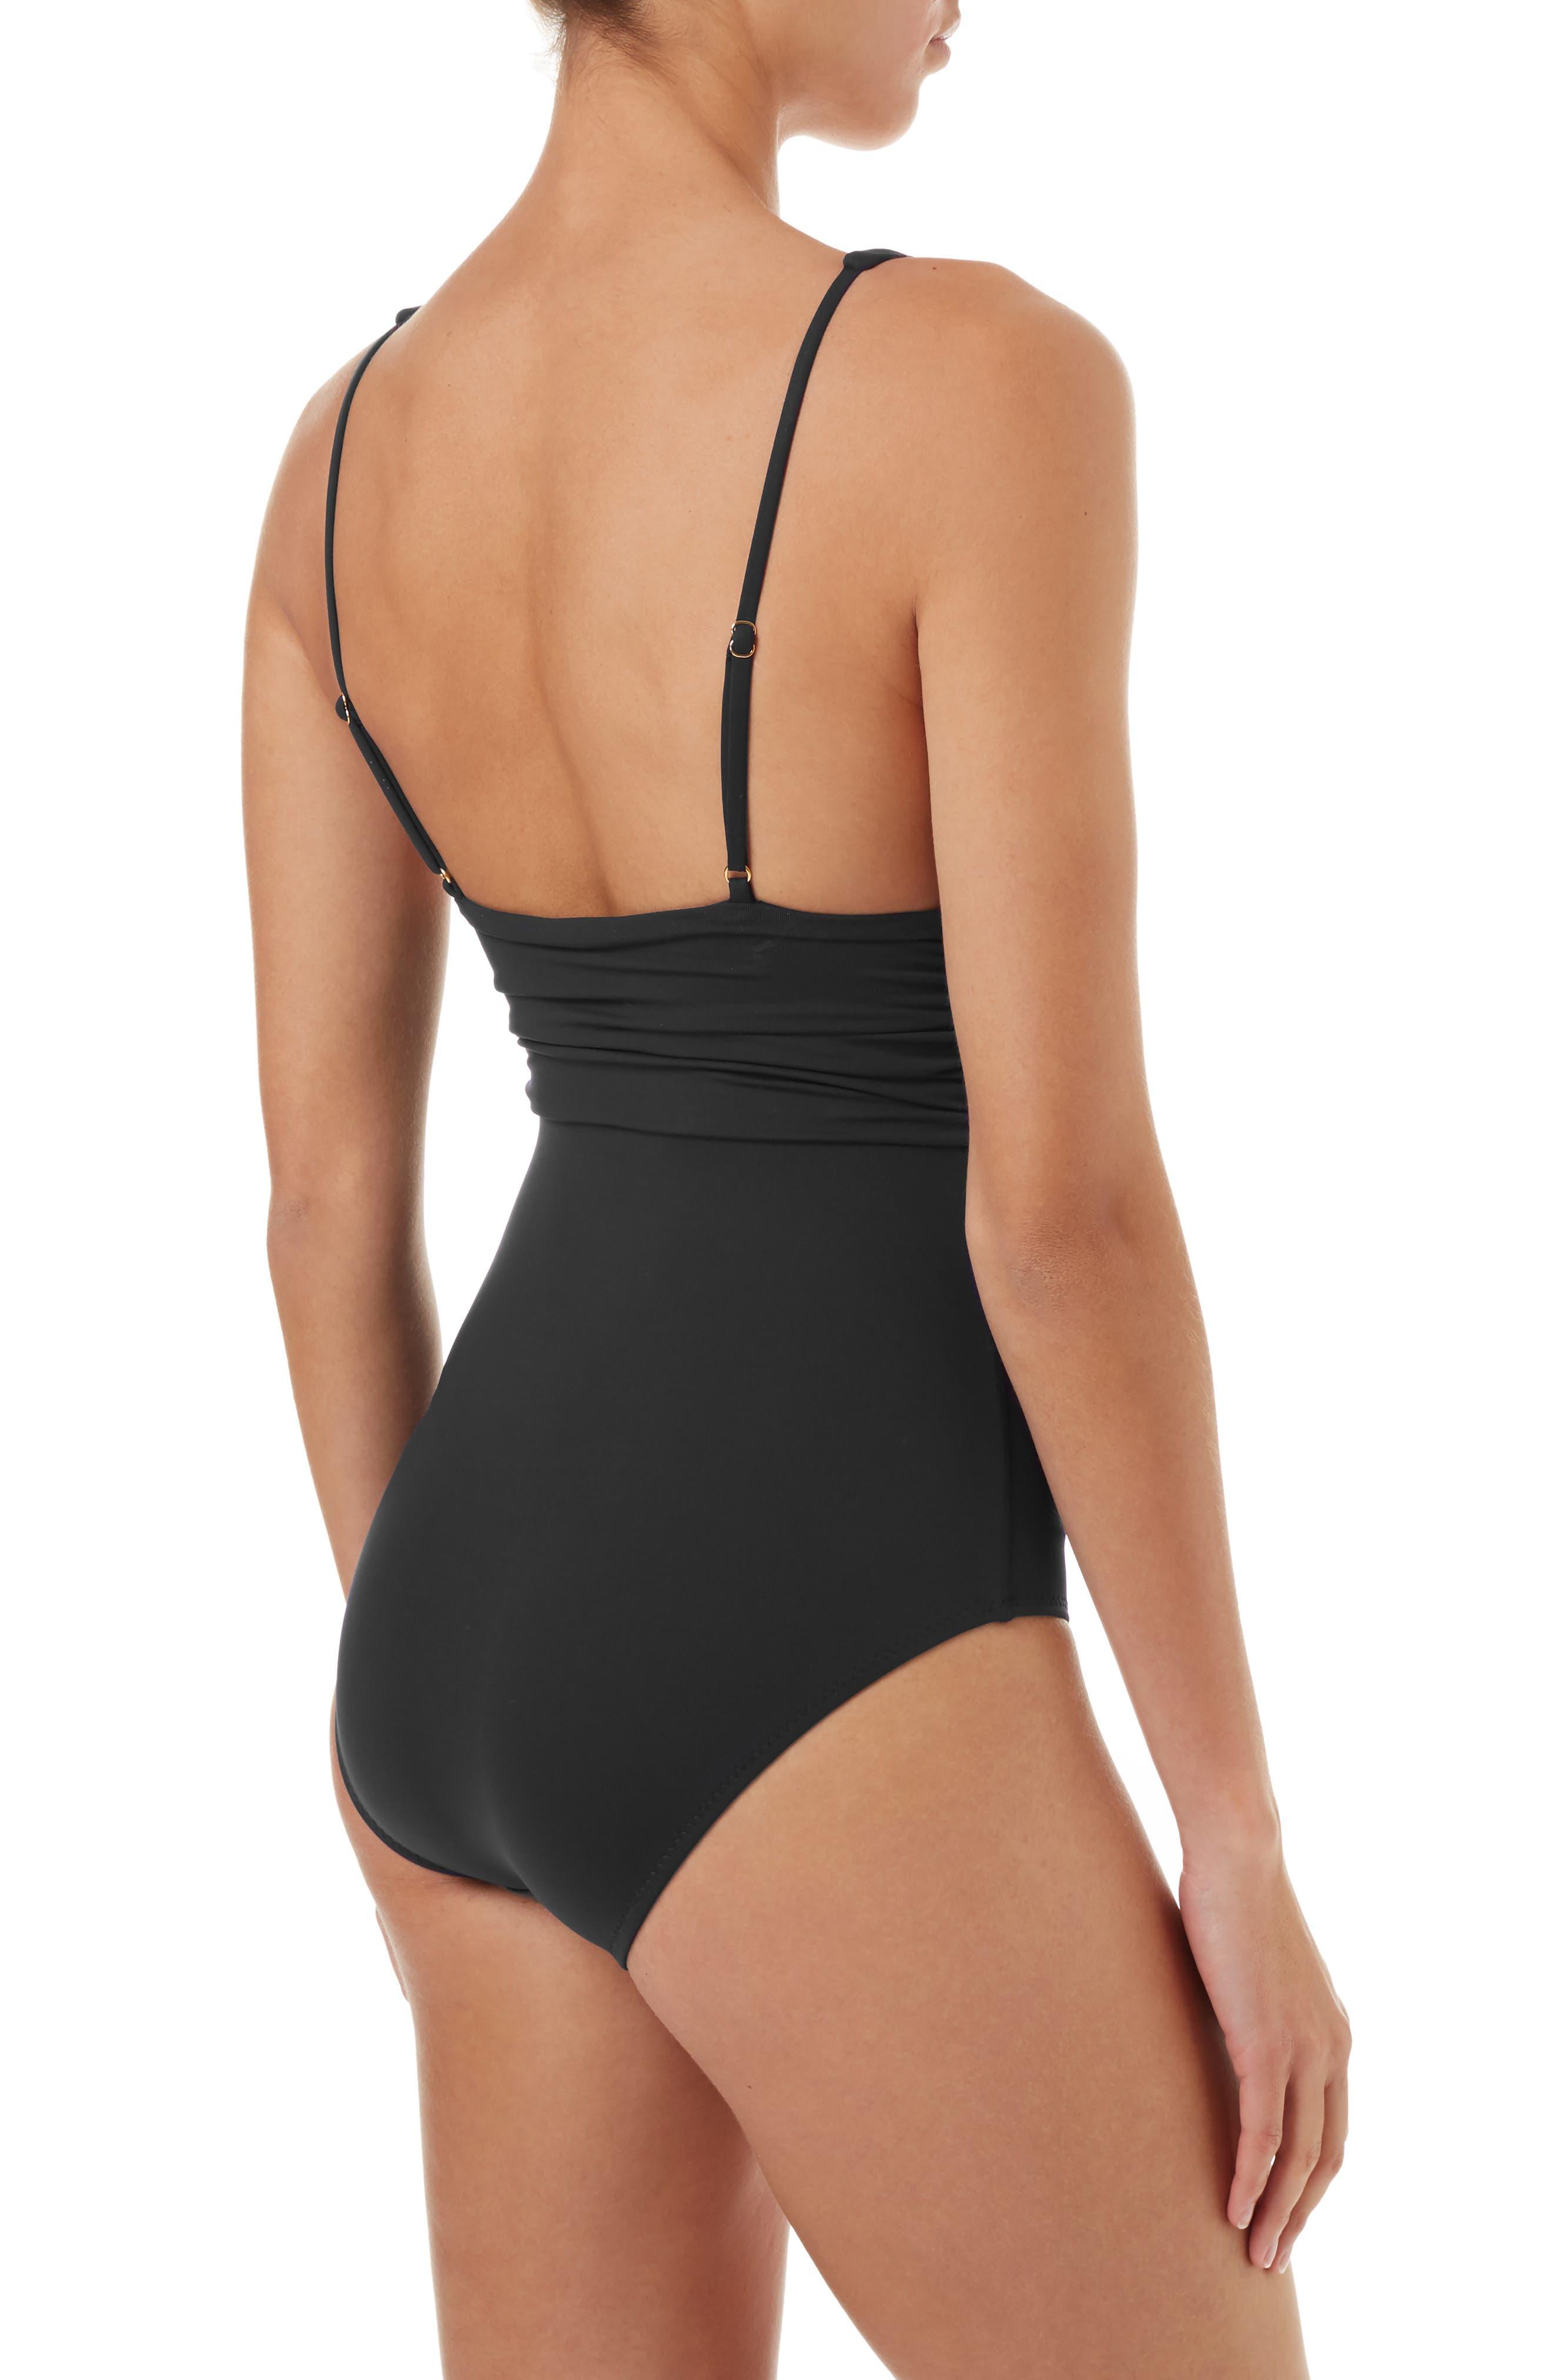 Panarea One-Piece Swimsuit,                             Alternate thumbnail 2, color,                             BLACK